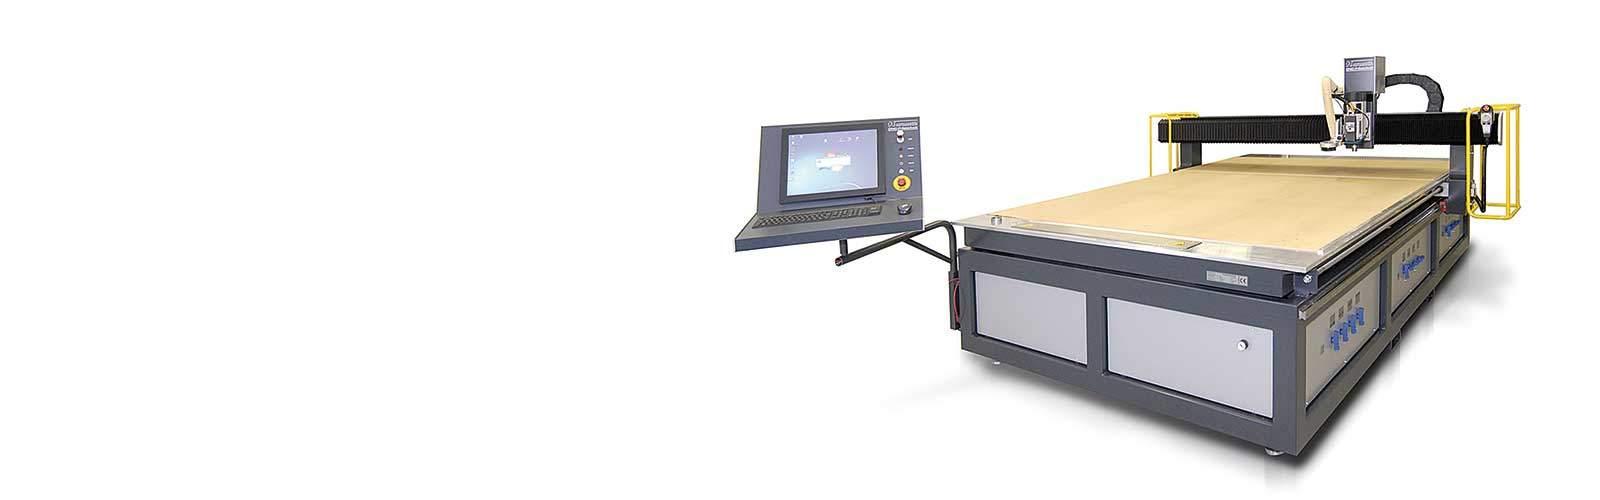 Neues Maximalformat in der Herstellung von Kunststoffgehäusen bei mentec möglich